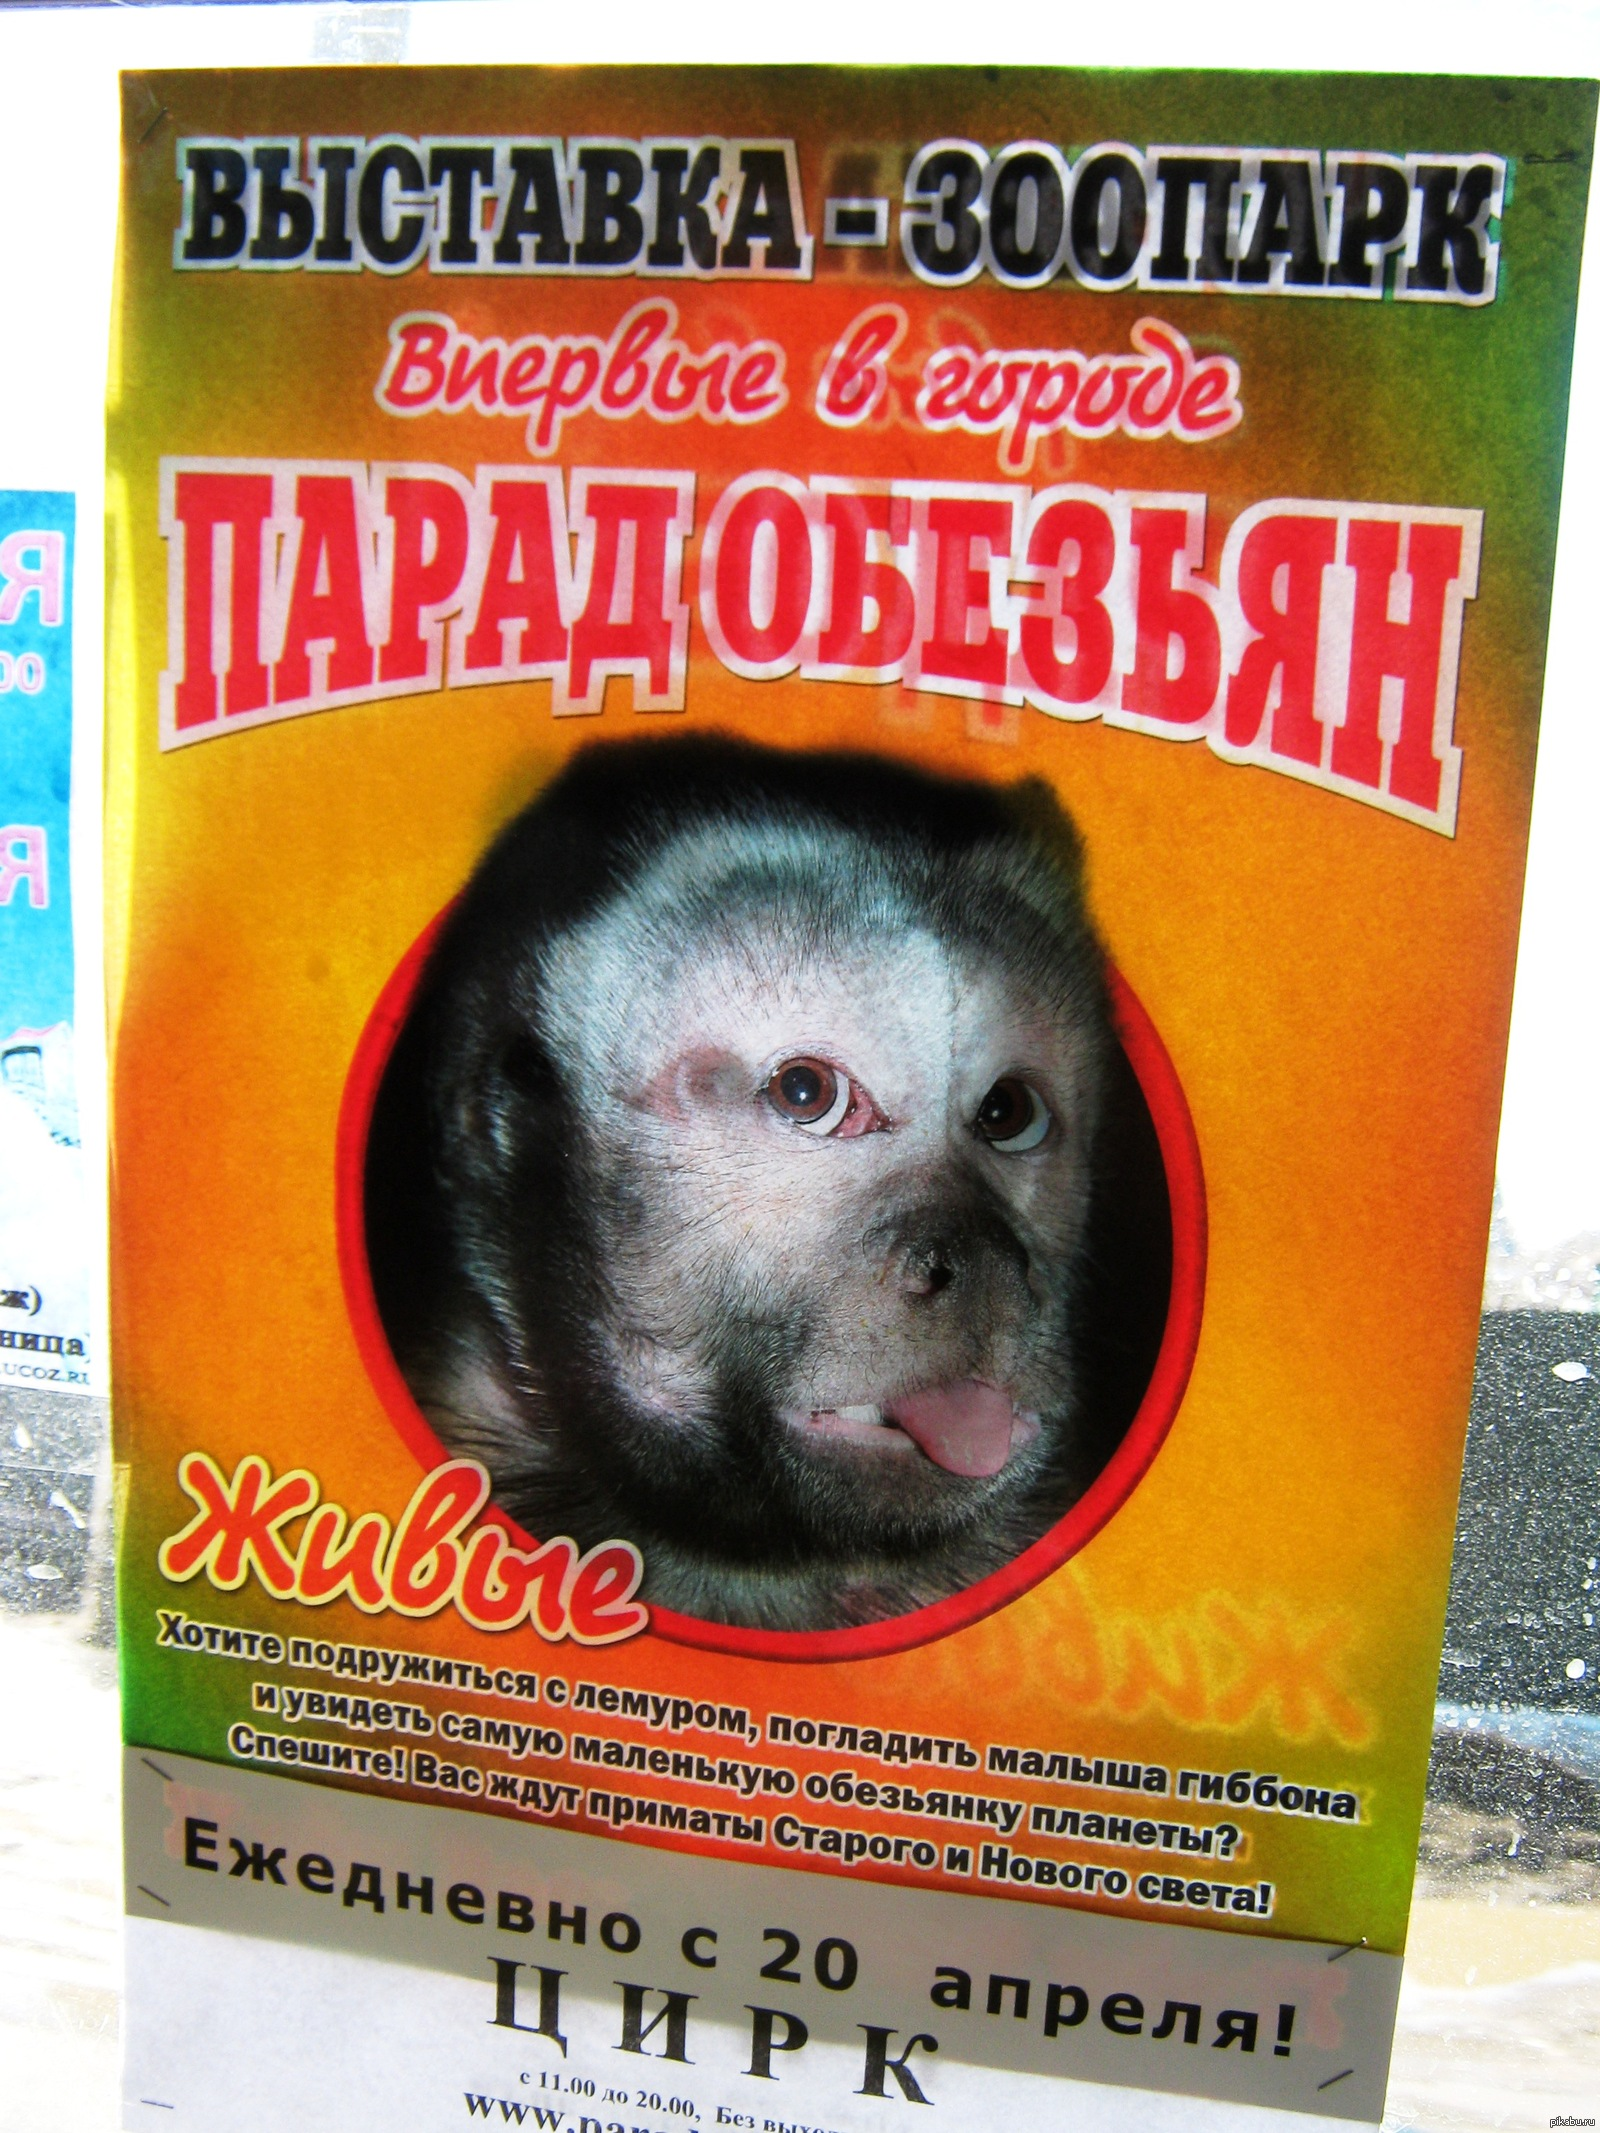 Смотреть фотографии обезьян любительское 4 фотография